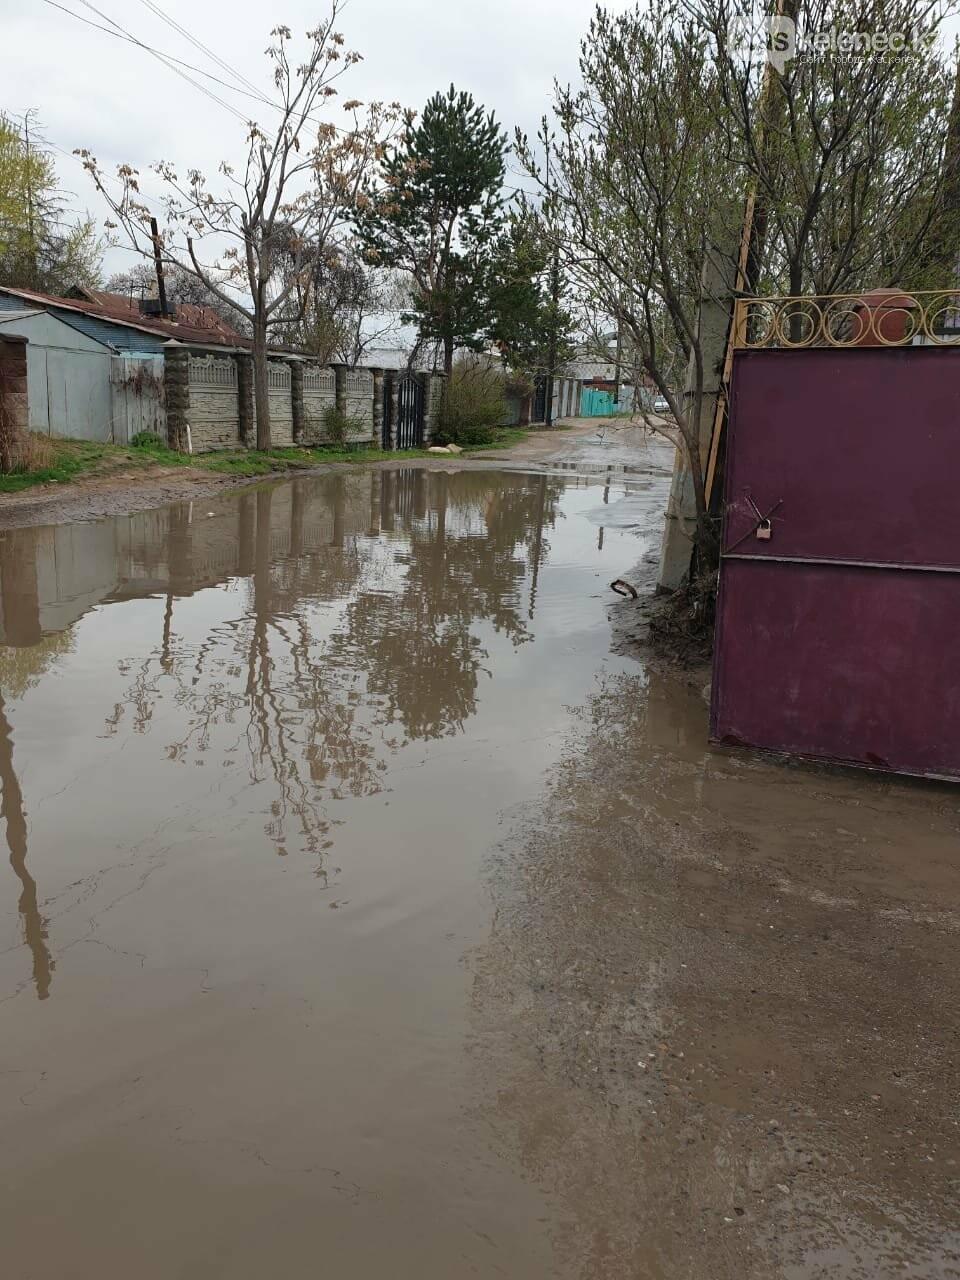 Байжарасовское озеро: после дождей на улицах Каскелена появляются новые водоемы, фото-5